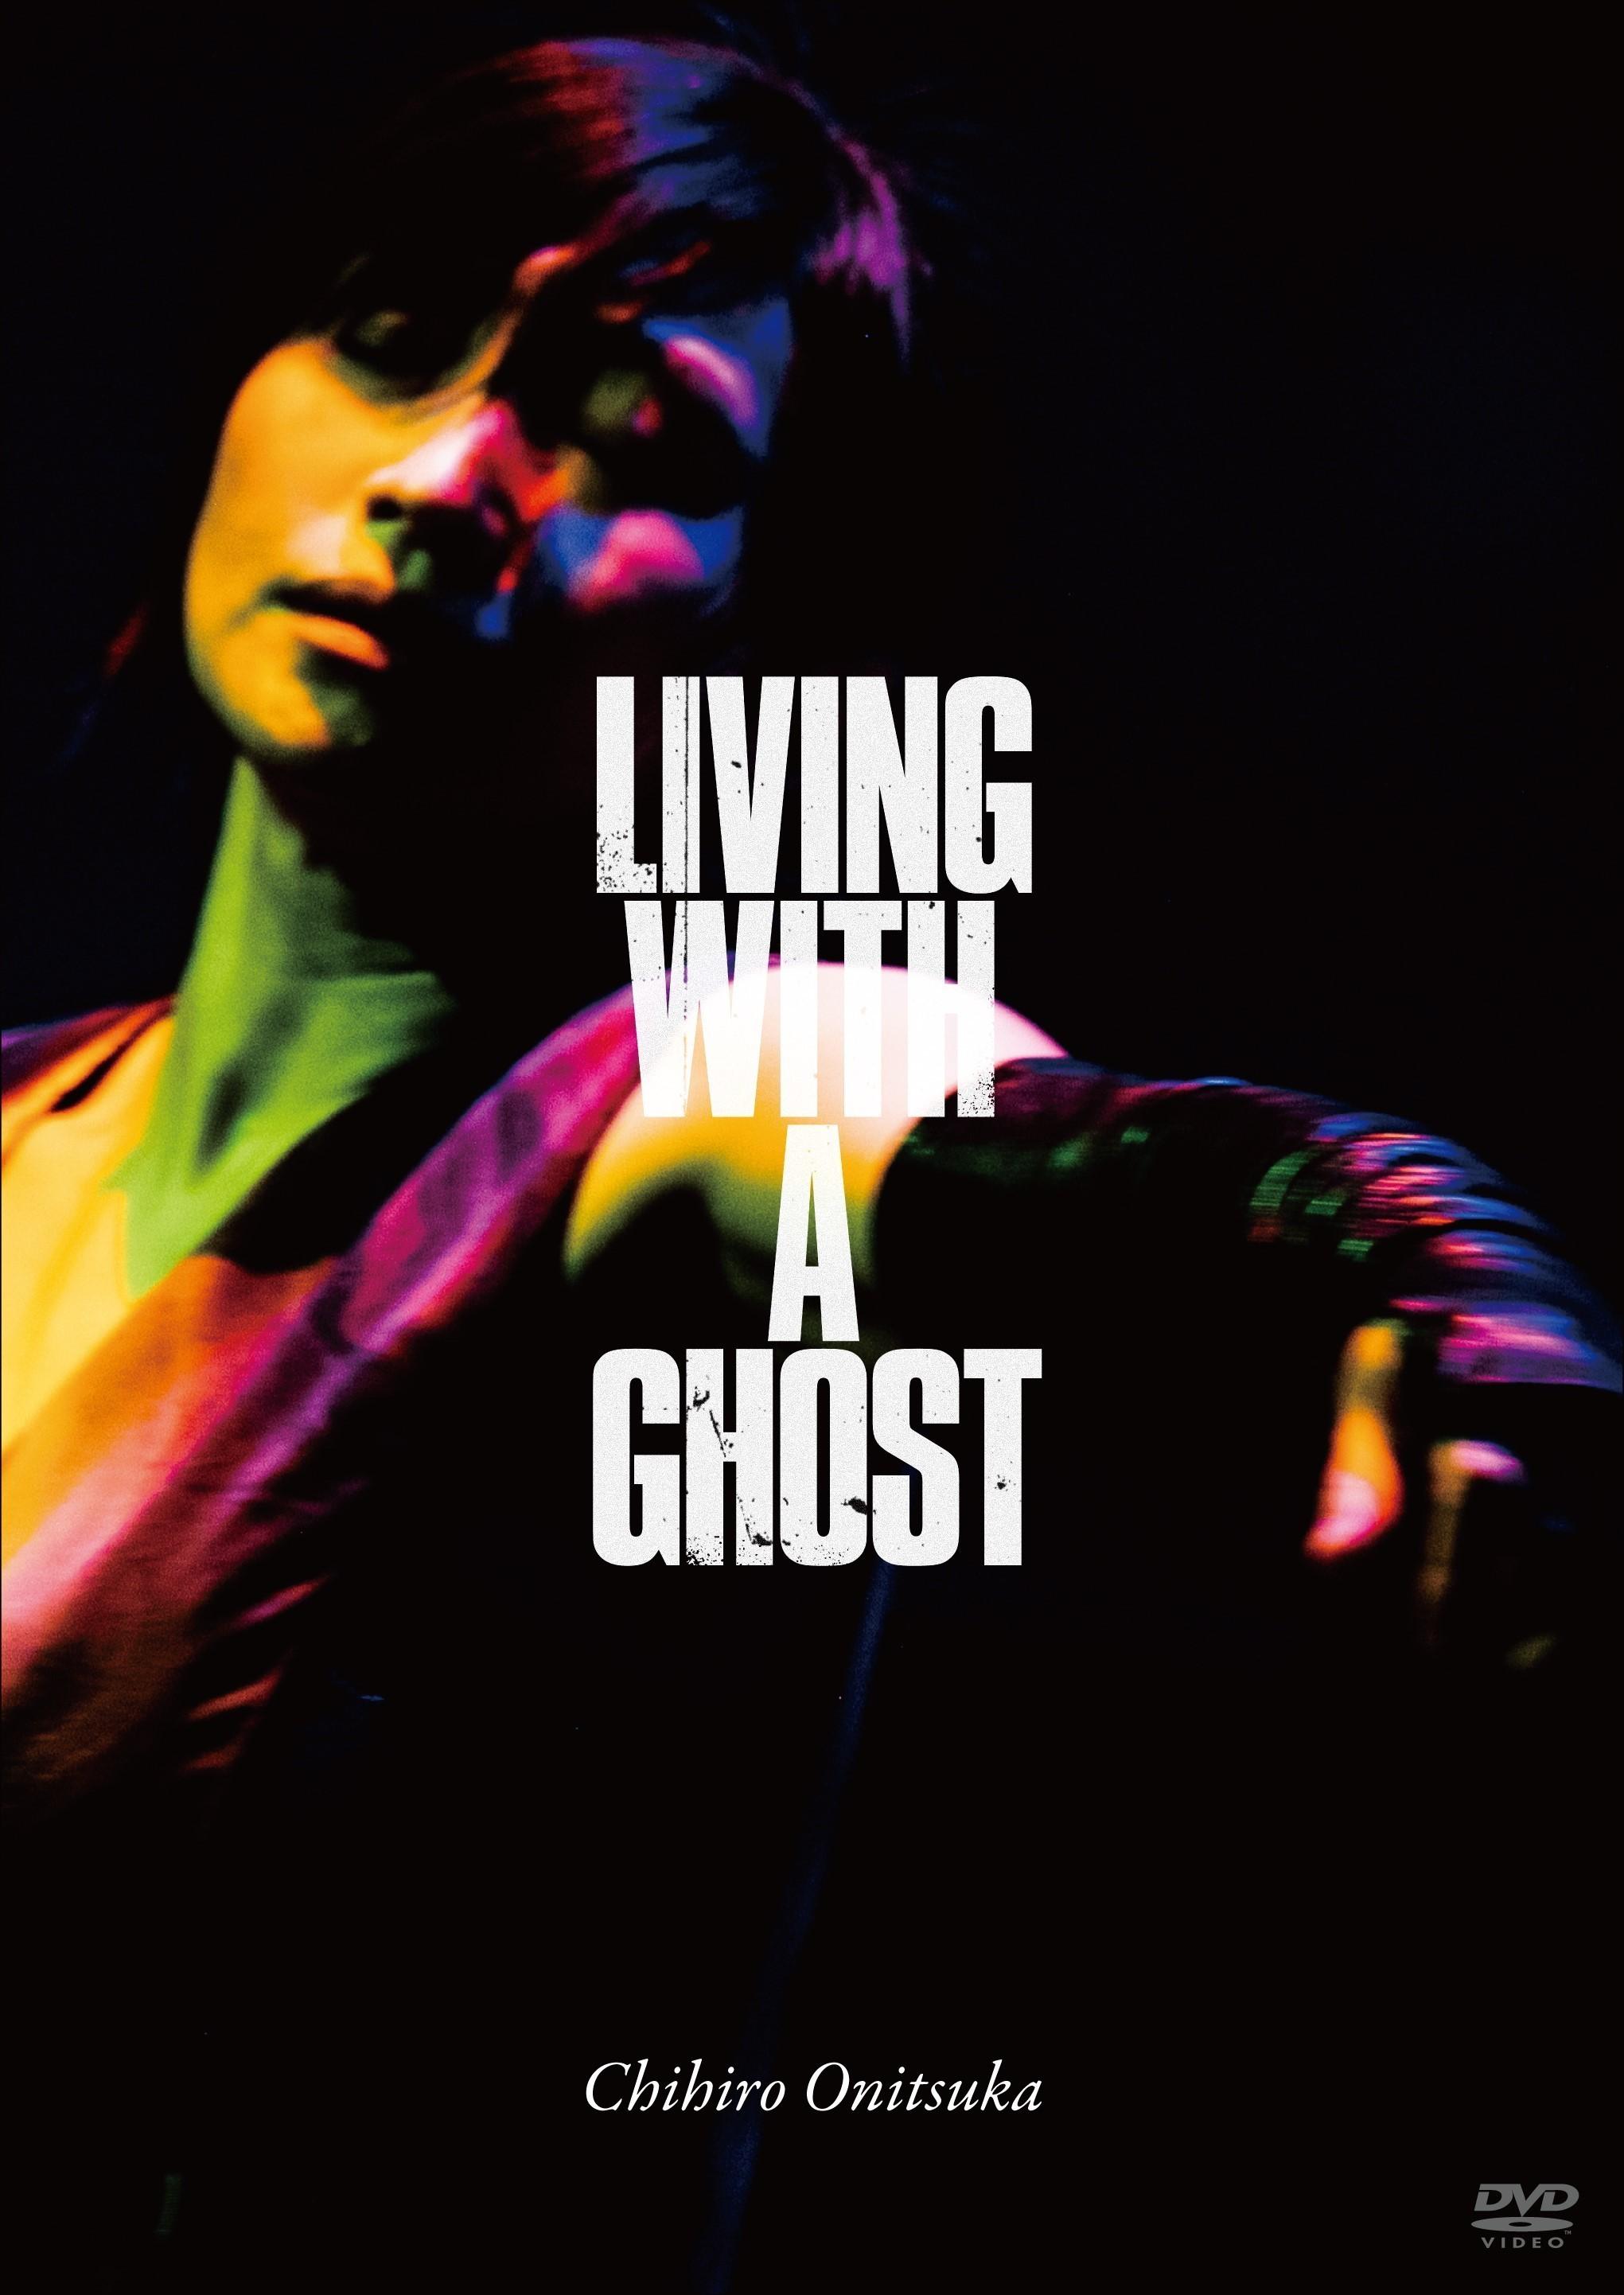 鬼束ちひろ (Chihiro Onitsuka) – LIVING WITH A GHOST [Blu-ray ISO + MP4] [2021.05.26]